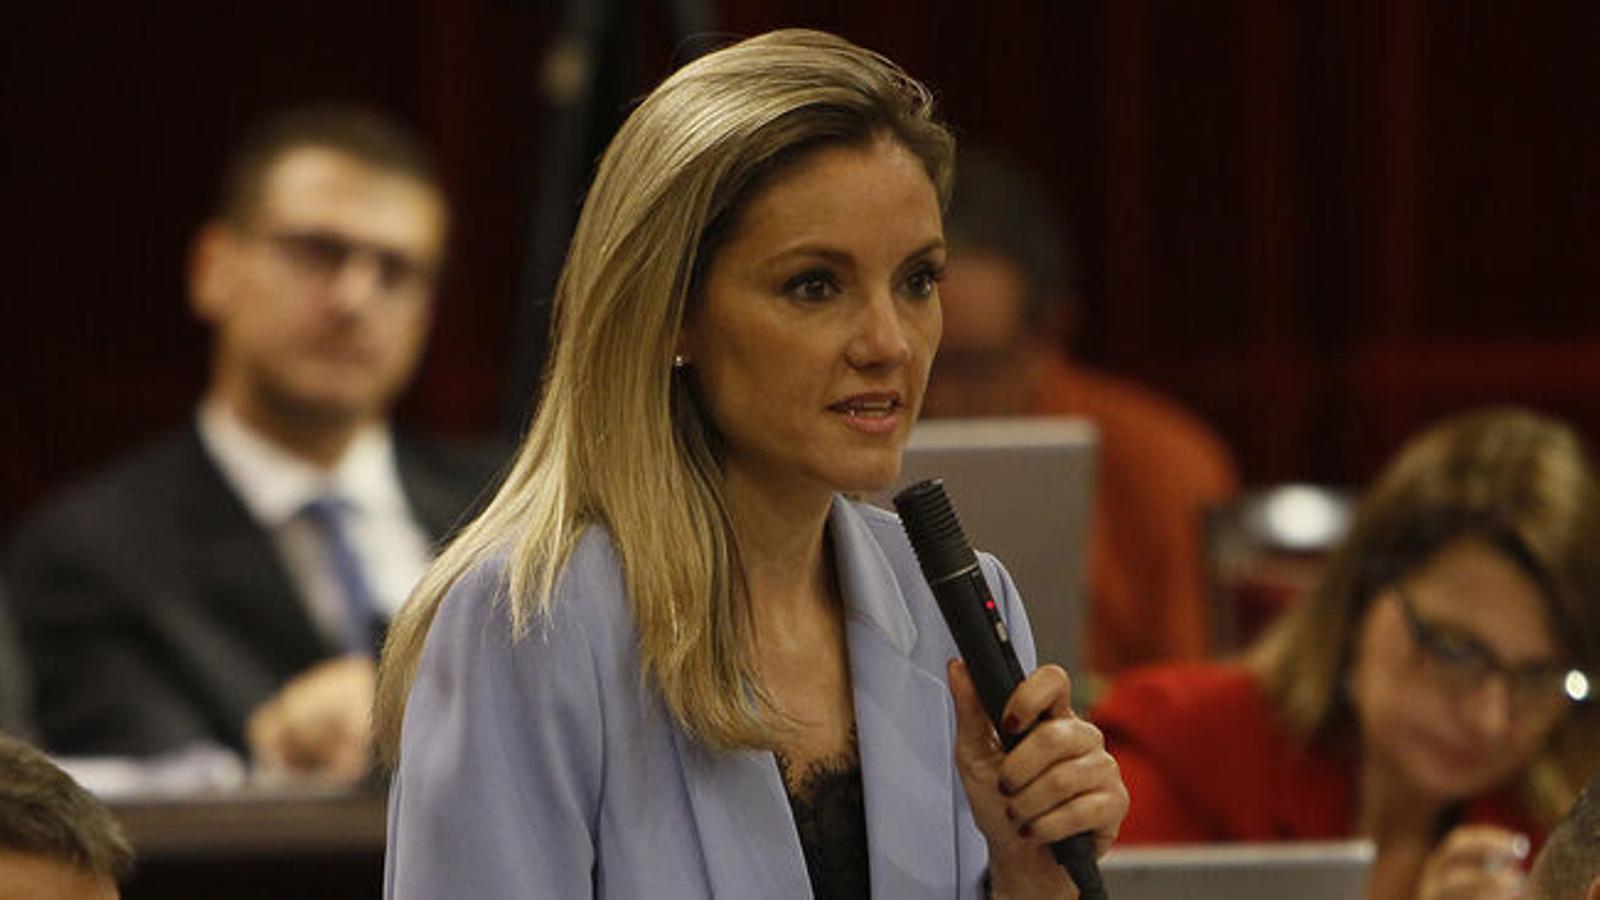 La diputada de Ciutadans, Patrícia Guasp, durant una intervenció al Parlament. / ISAAC BUJ